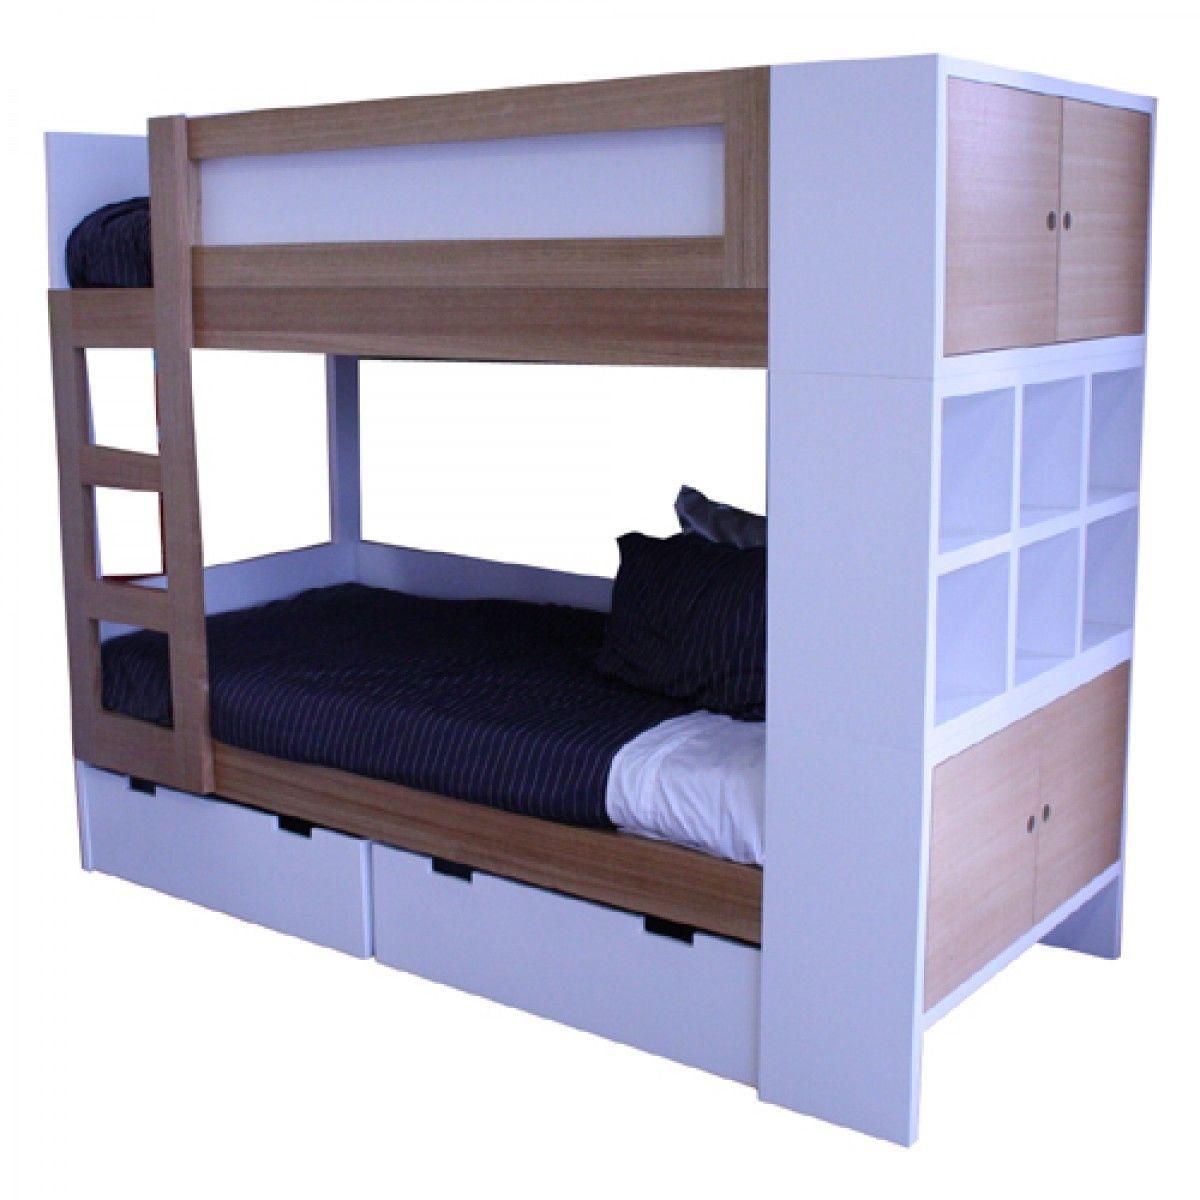 Vogue Kids Bunk Bed Kid S Room Pinterest Kids Bunk Beds Bunk